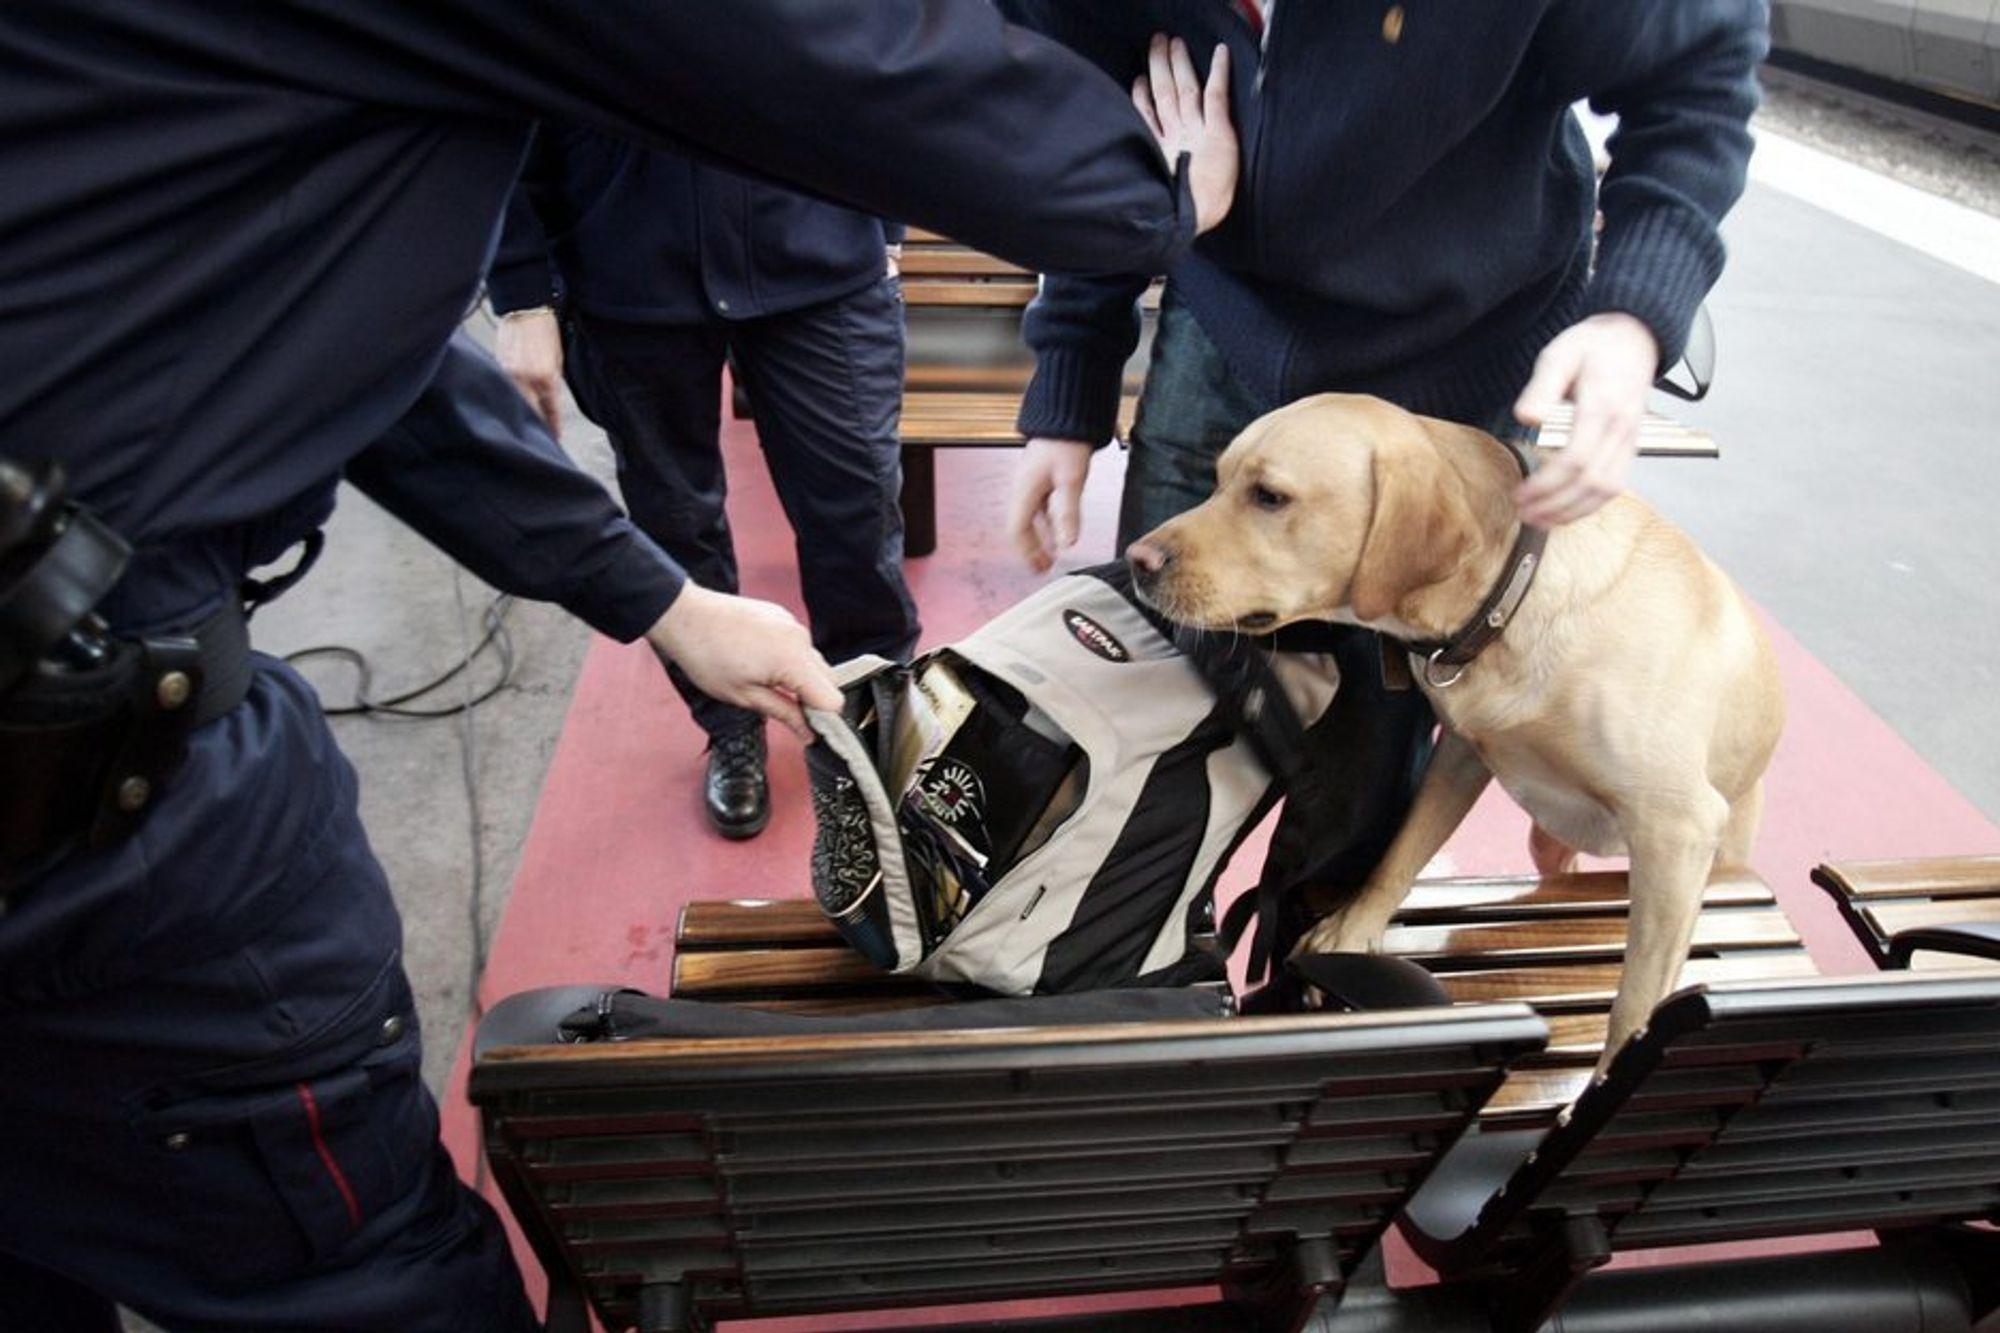 FIKK NEI: Forsvarets hundeskoles tjenester ble ikke vurdert som nødvendige hverken før eller etter terrorangrepet 22. juli.